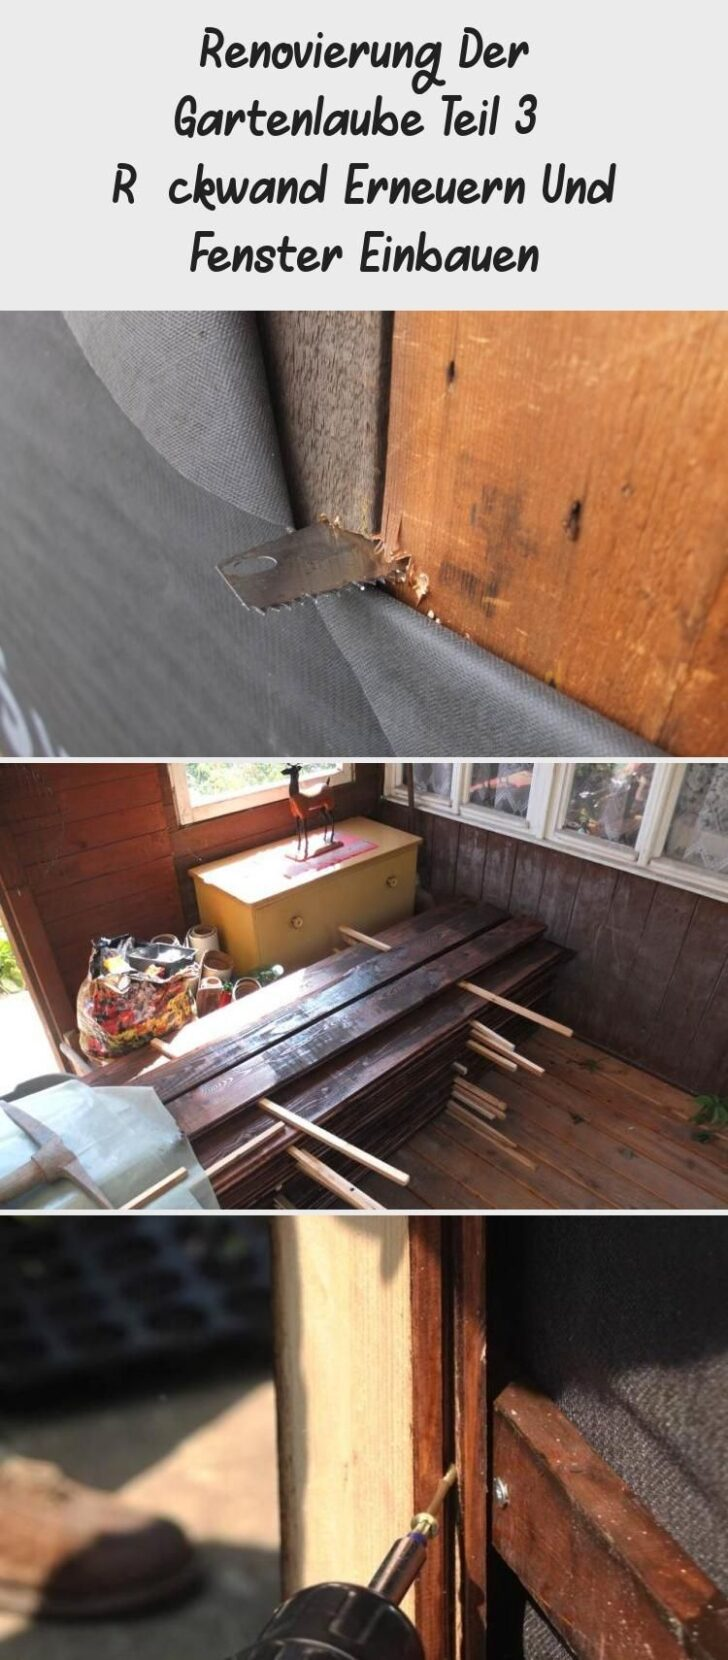 Fensterfugen Erneuern Renovierung Der Gartenlaube Teil 3 Rckwand Und Fenster Bad Kosten Wohnzimmer Fensterfugen Erneuern